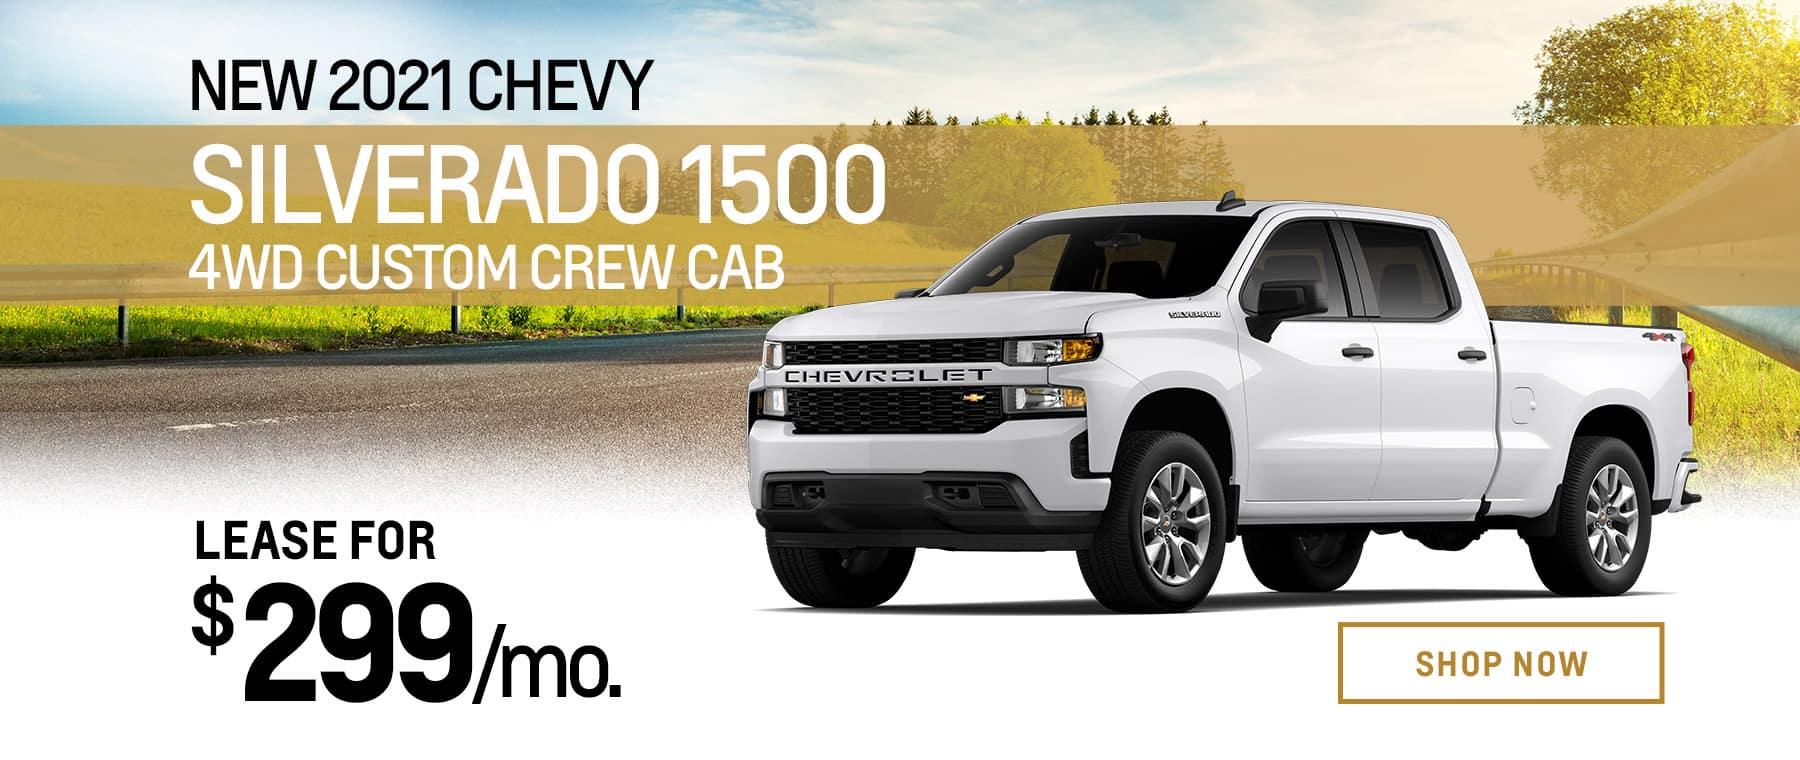 BCO-1800×760-New 2021 Chevy Silverado 1500 4WD Custom Crew Cab_0521